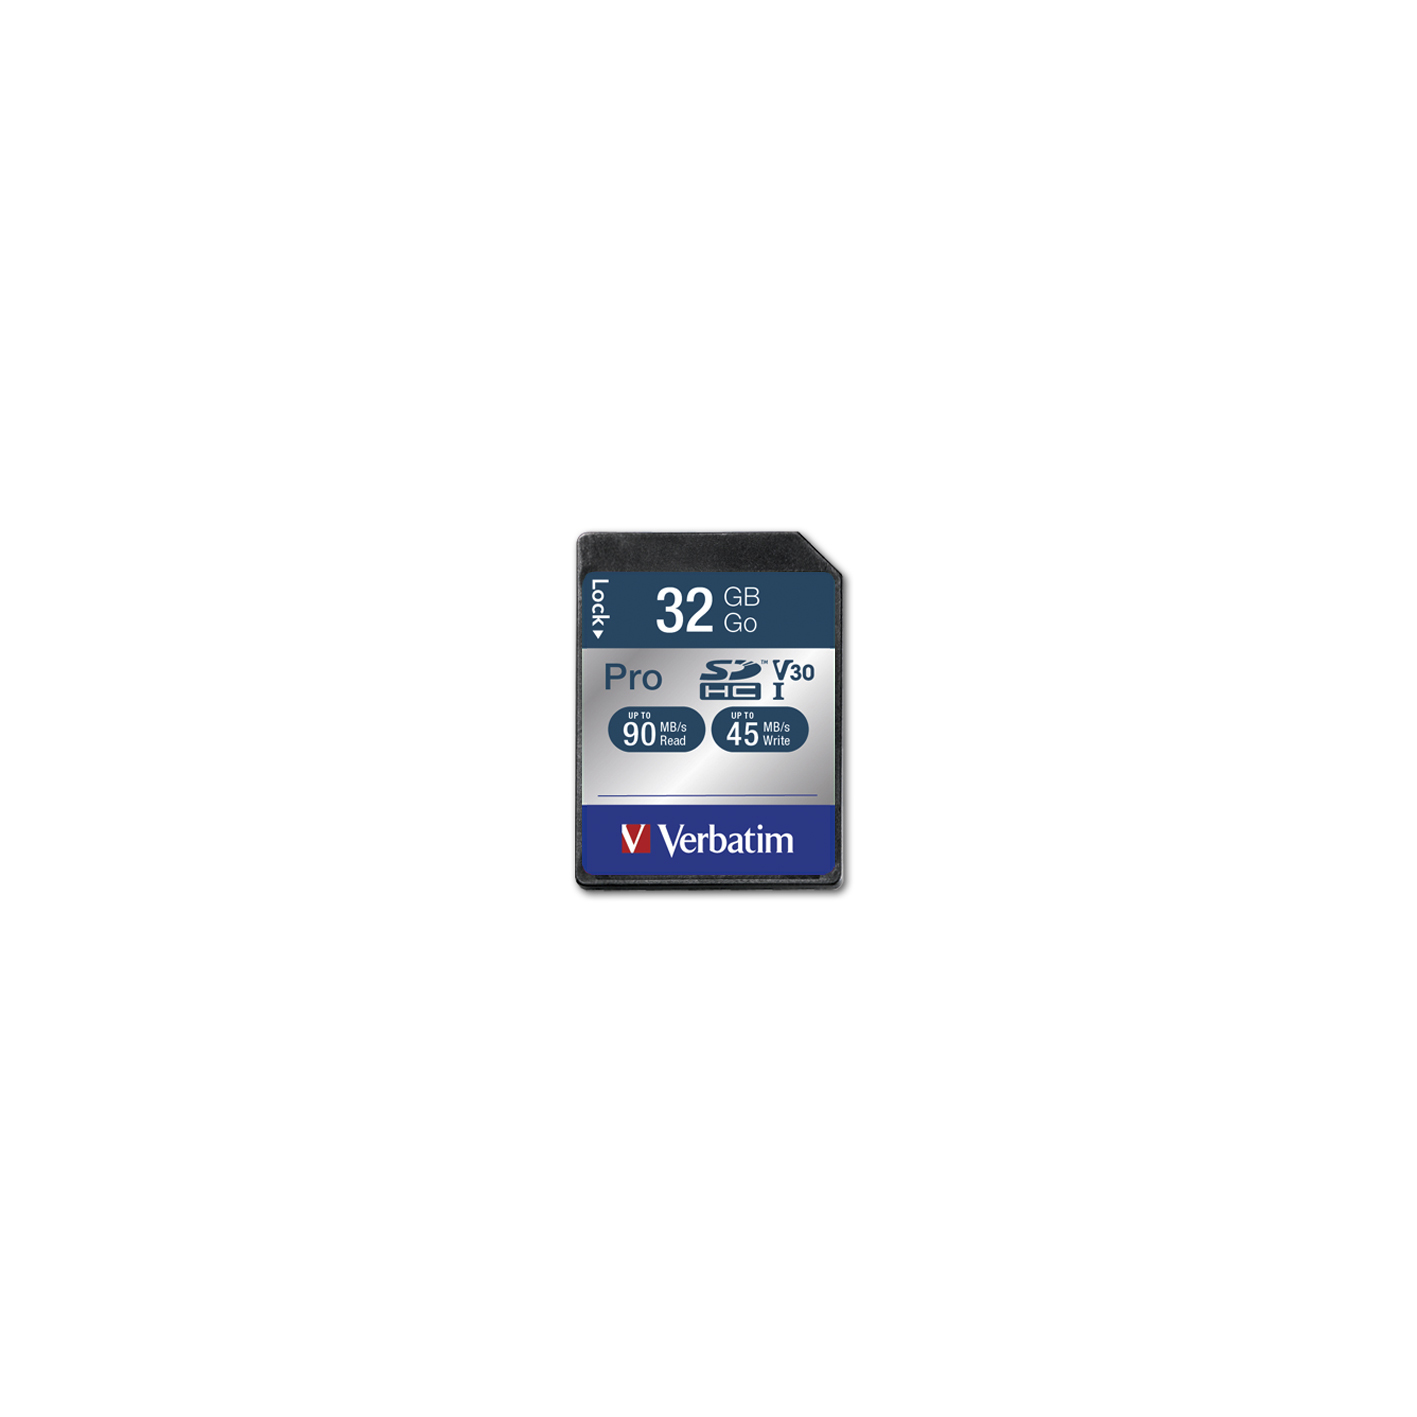 PRO MEMORIA FLASH 32 GB SDHC UHS CLASE 10